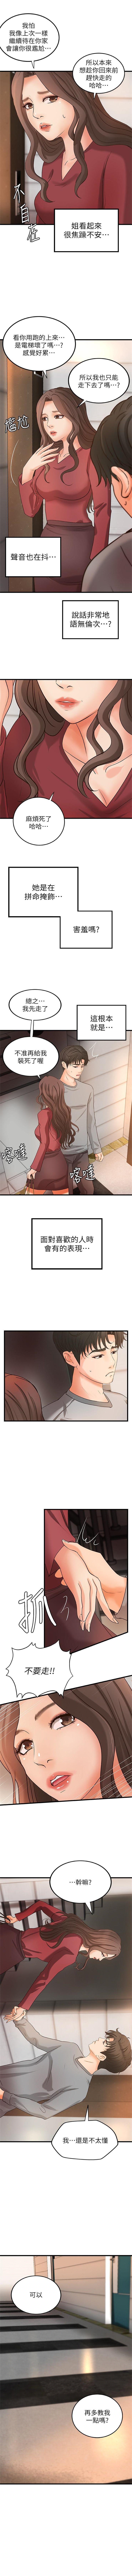 御姐的實戰教學 1-27 官方中文(連載中) 146